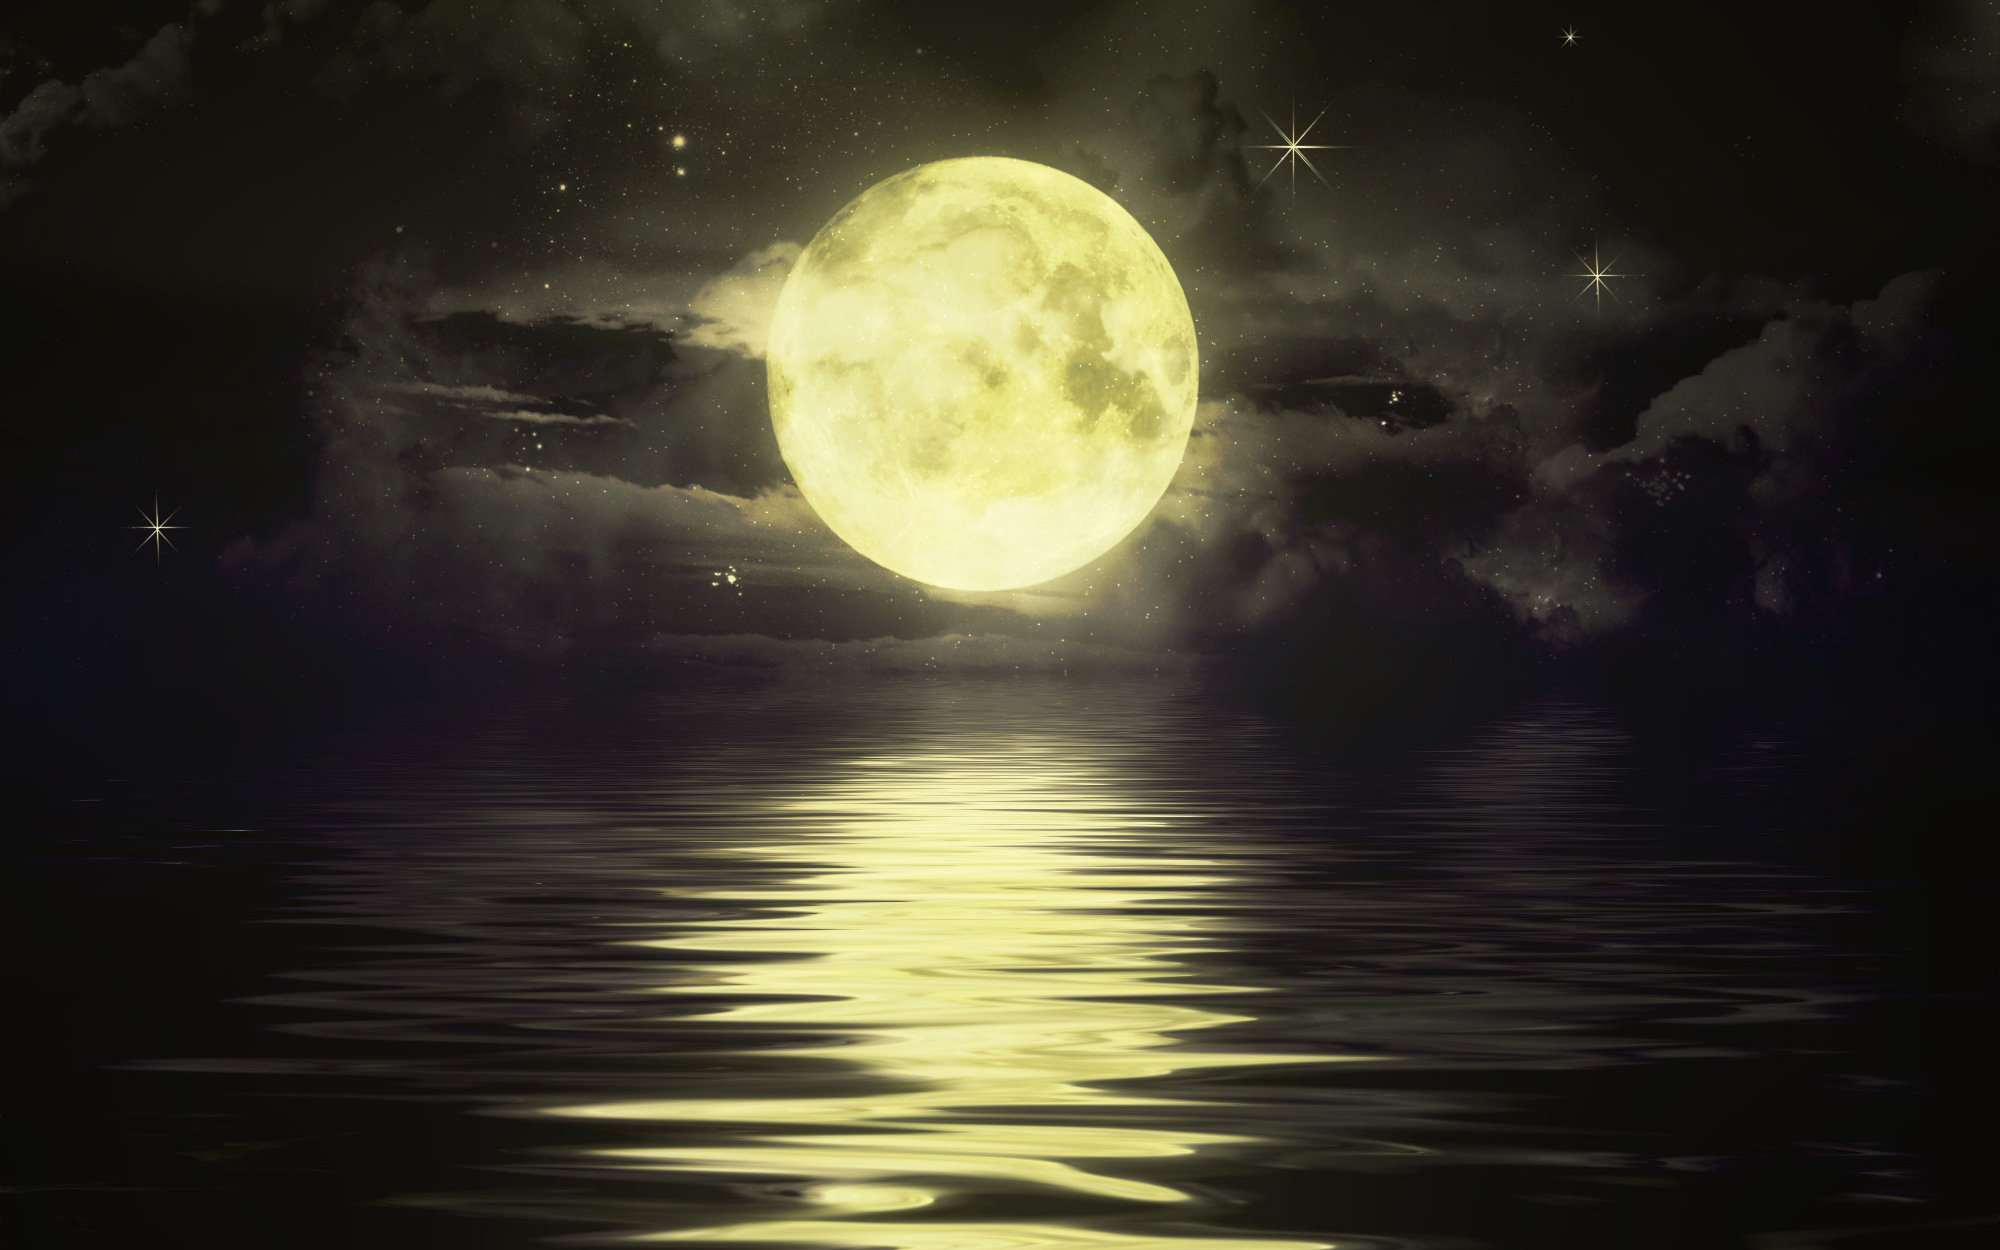 Artistic - Nature  Mass Effect Moonlight Naruto Wallpaper